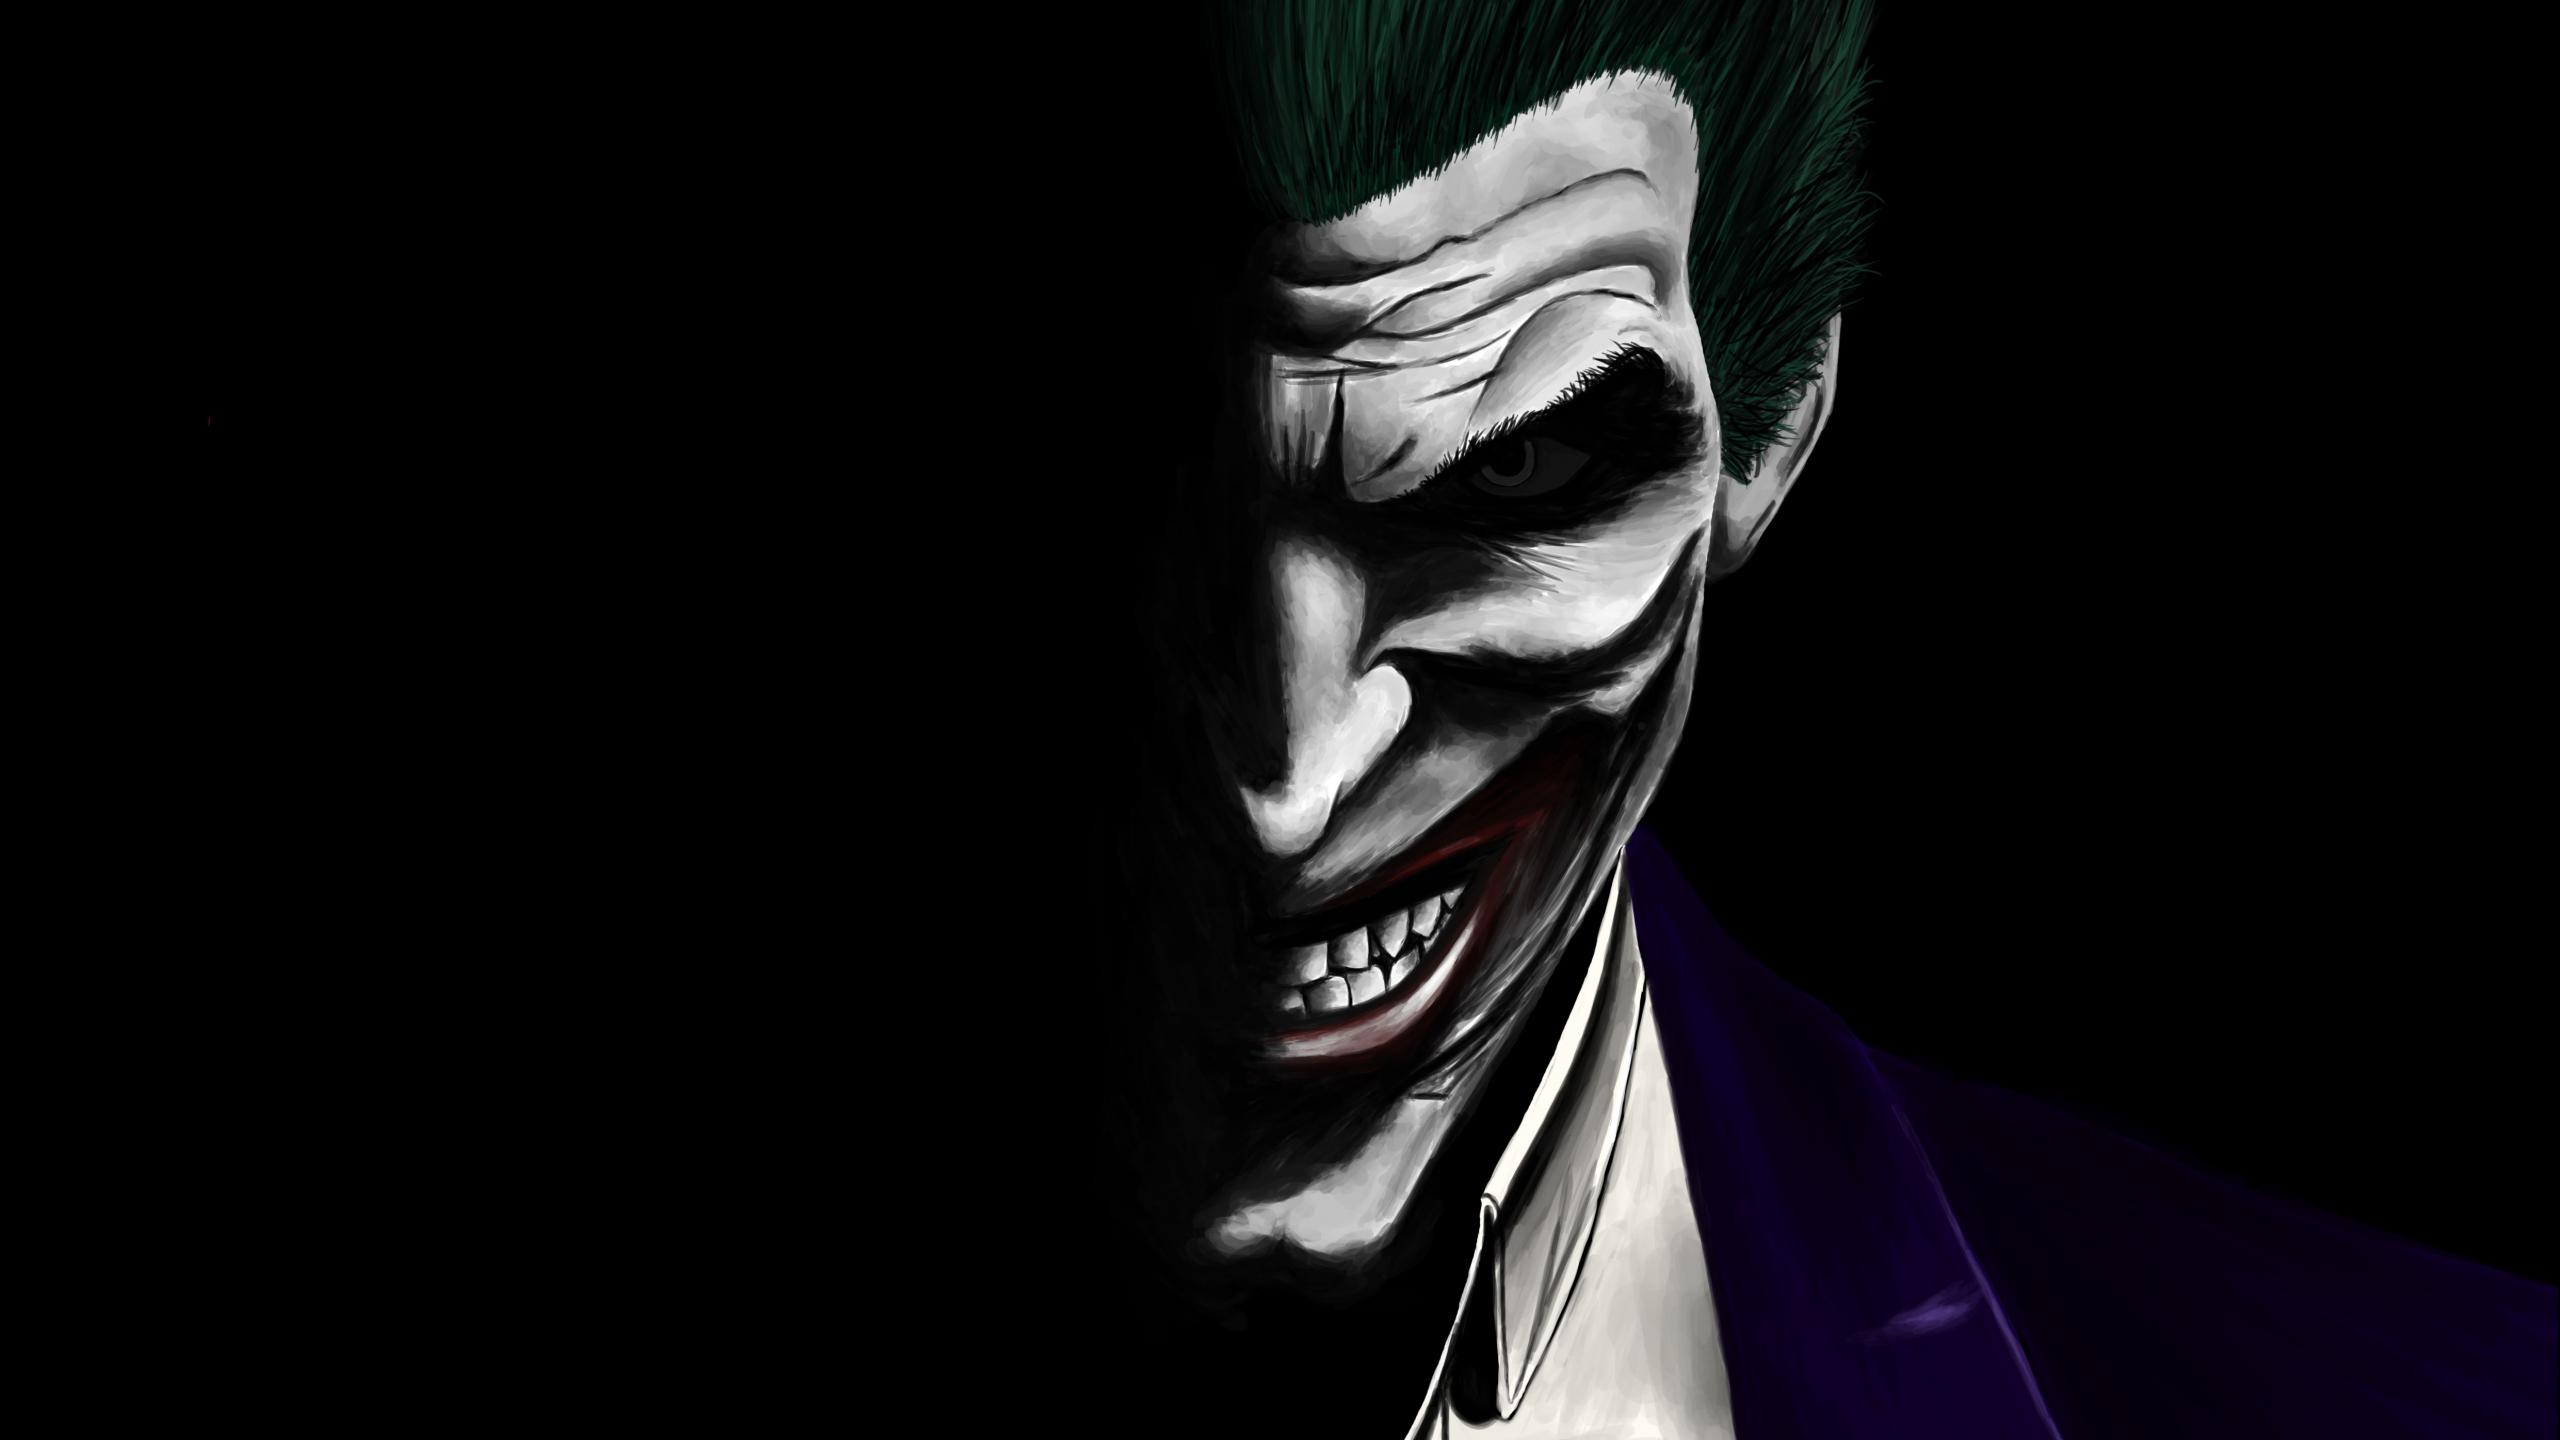 joker dark dc villain comics artwork background 5k wallpapersmug widescreen